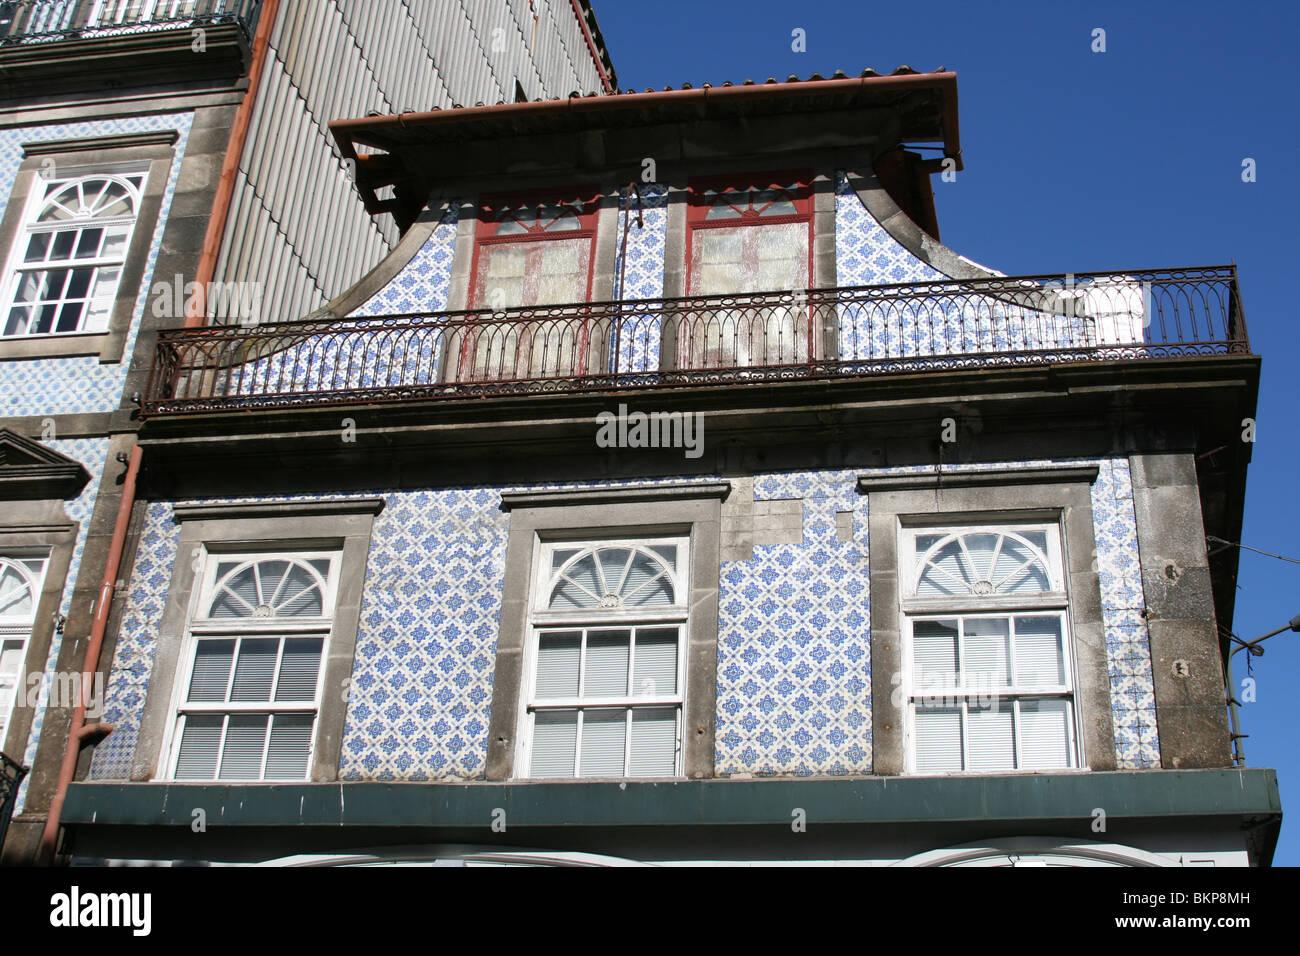 Azulejo tile portugal stockfotos azulejo tile portugal - Beruhmte architektur ...